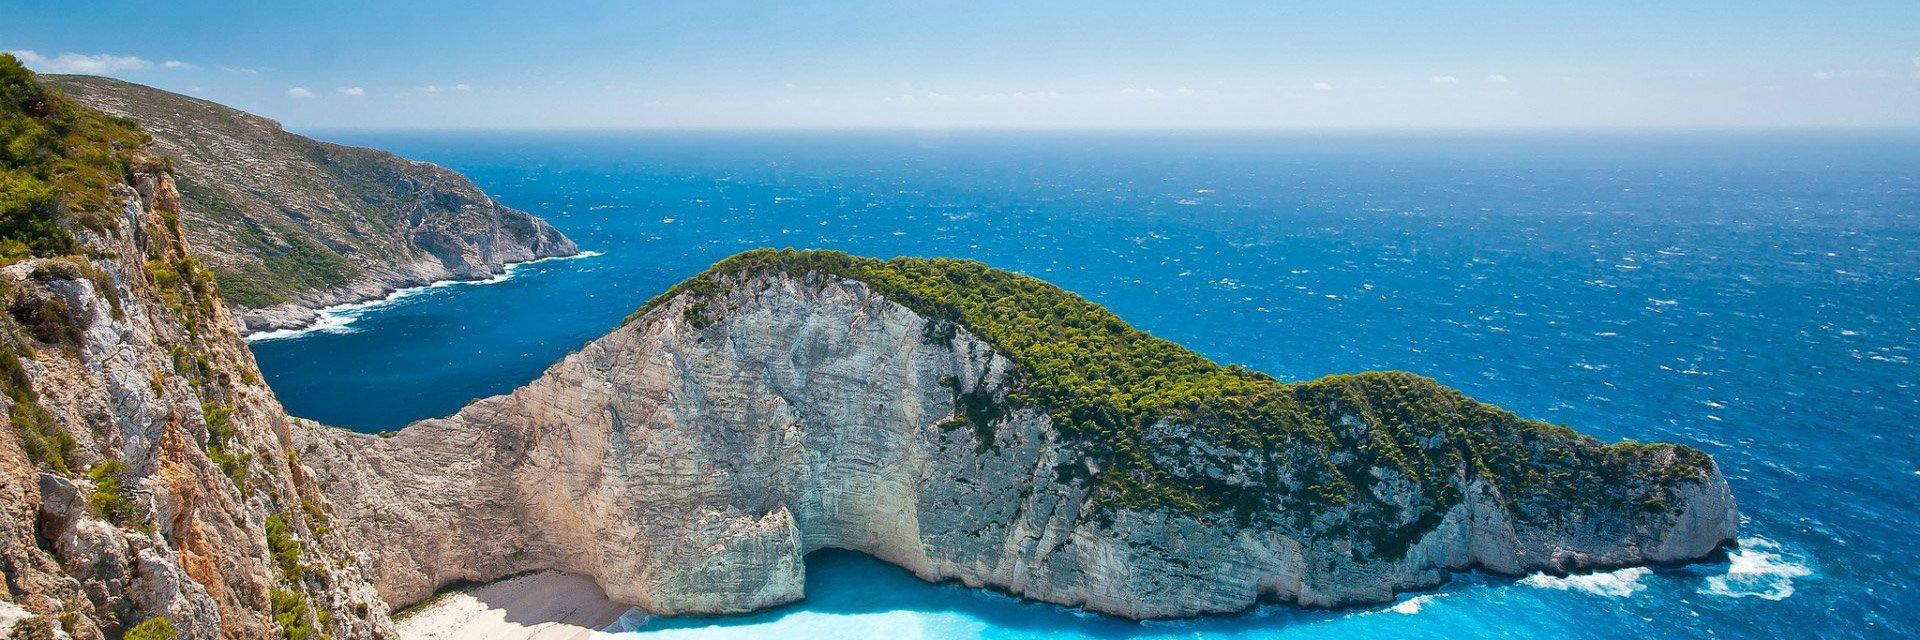 Cyprotel Florida 4* (Айя-Напа, Кипр) - цены, отзывы, фото, бронирование - ПАКС